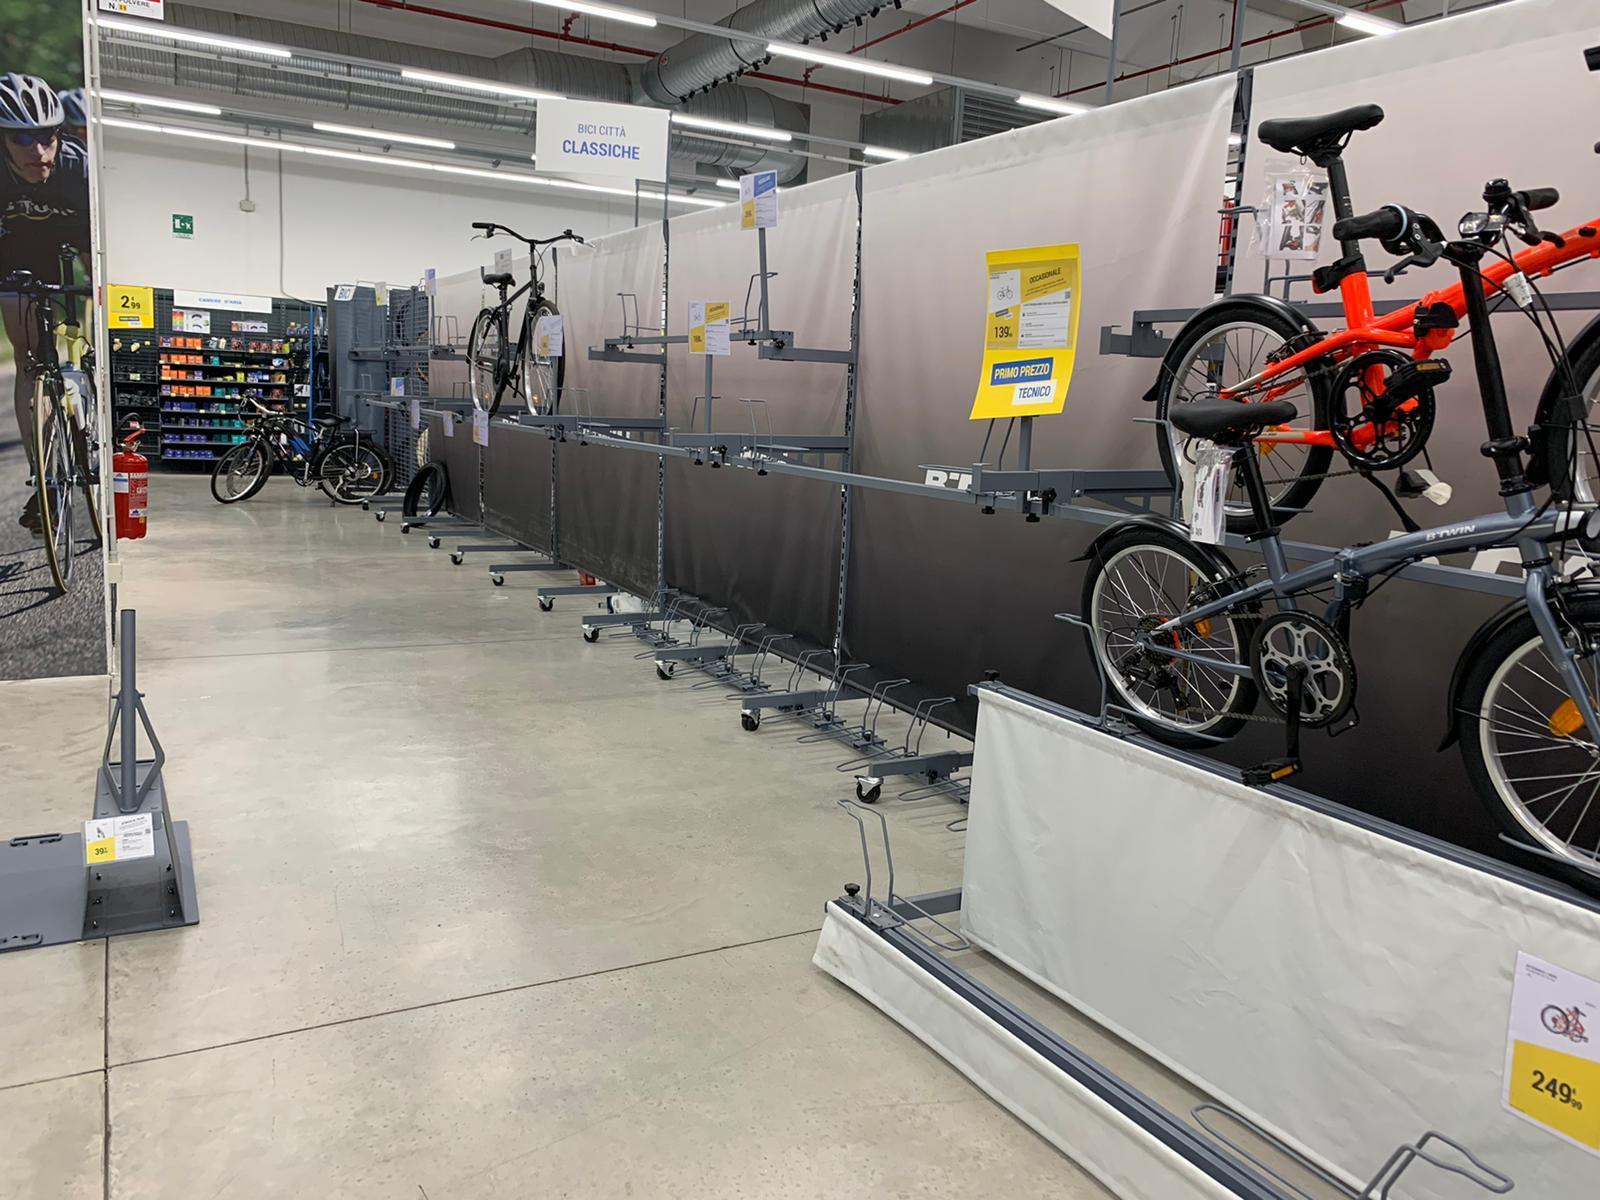 Bonus biciclette: le due ruote vanno a ruba. Quest'anno tutti sulla ciclabile